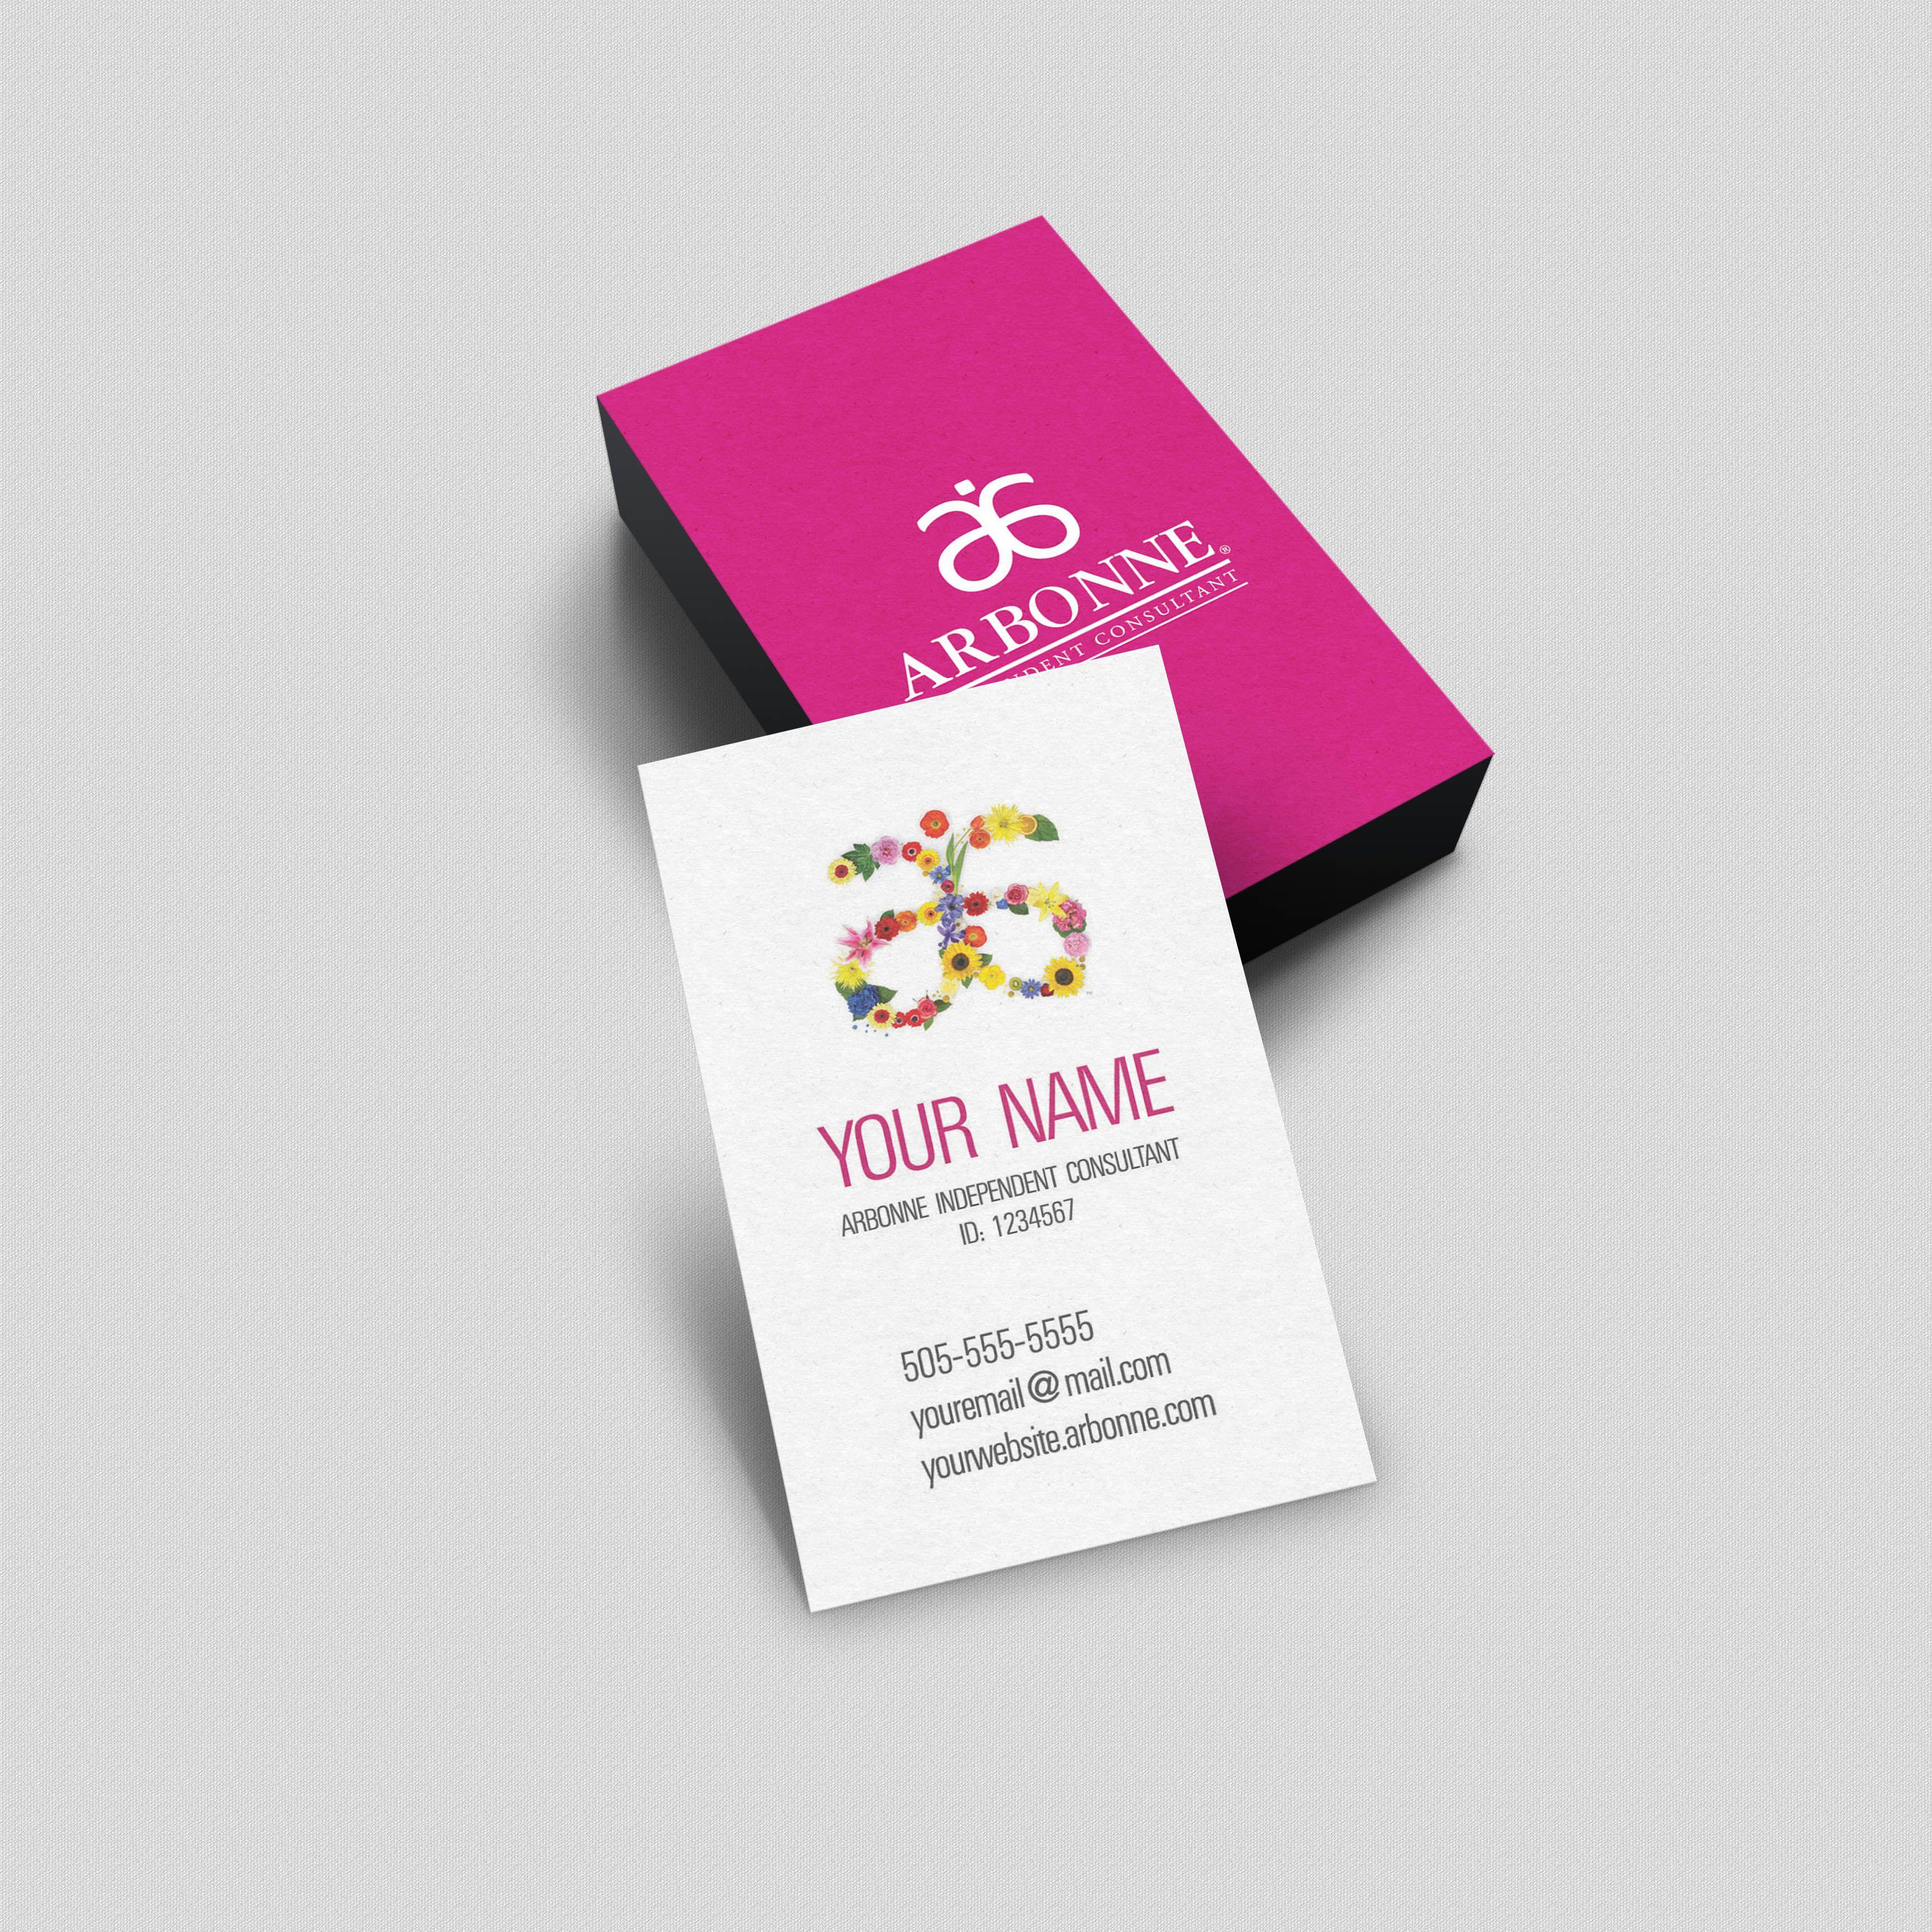 Arbonne Business Card - Logo flowers | Arbonne business ...